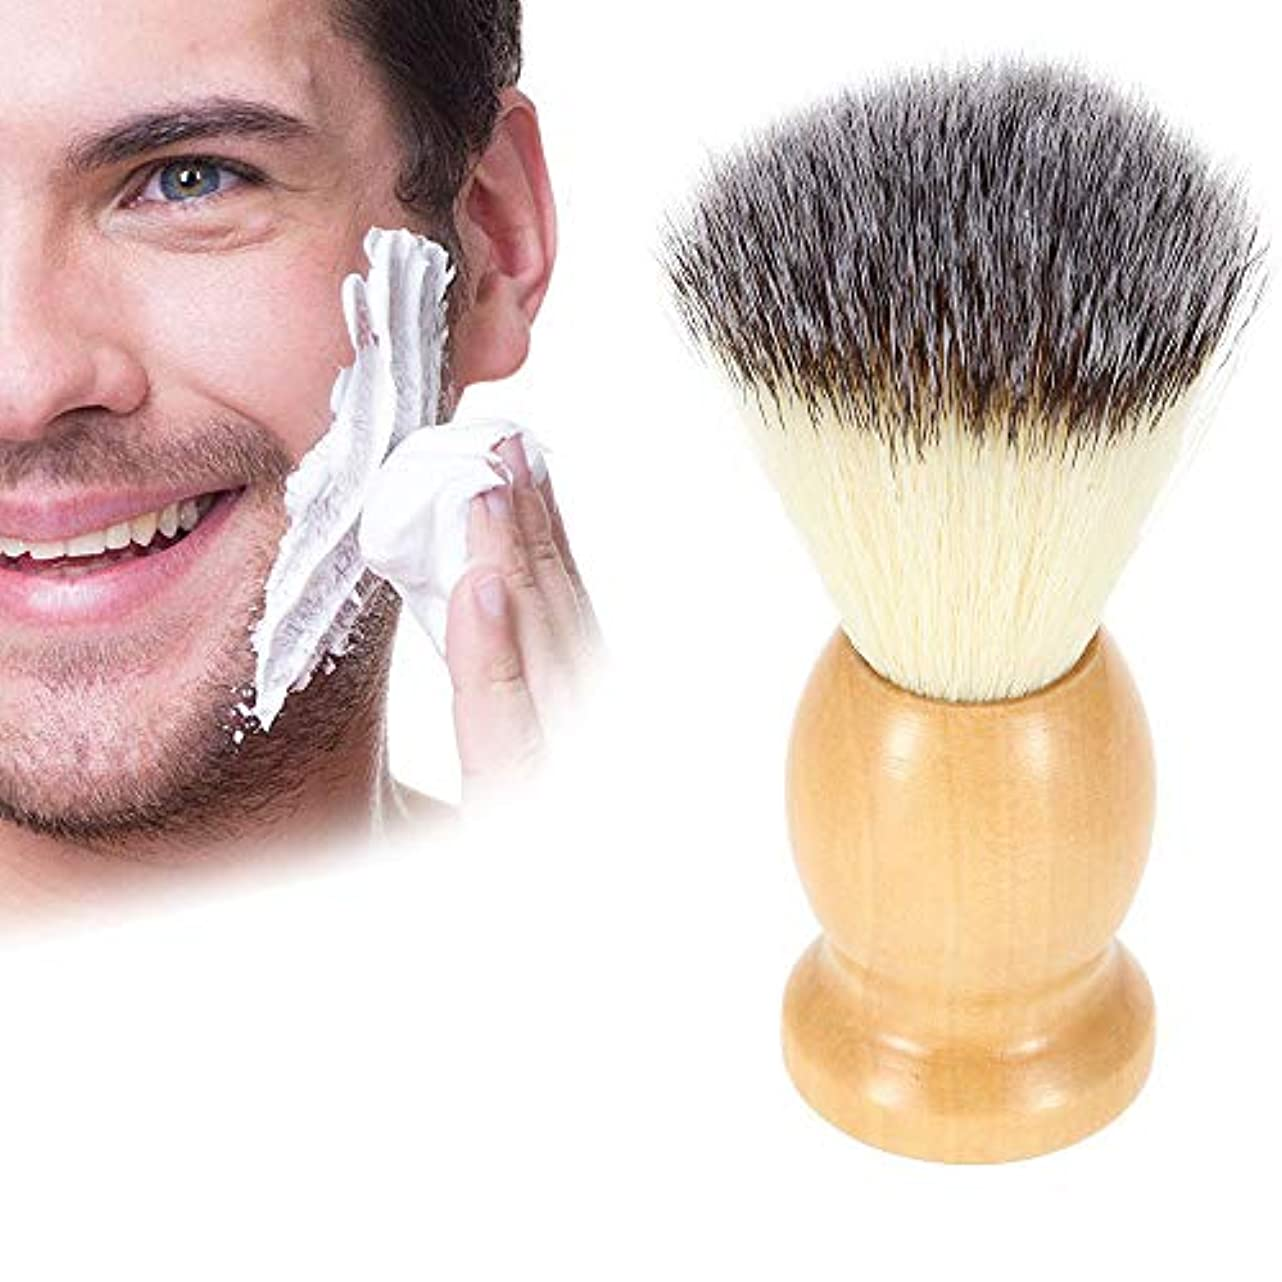 予約甥前方へButokal ナイロンひげブラシ メンズ用ブラシ 木製ハンドルシェービングブラシ 泡立ち ひげブラシ 理容 洗顔 髭剃り ご主人 ボーイフレンド 友人 にプレゼント シェービング用アクセサリー